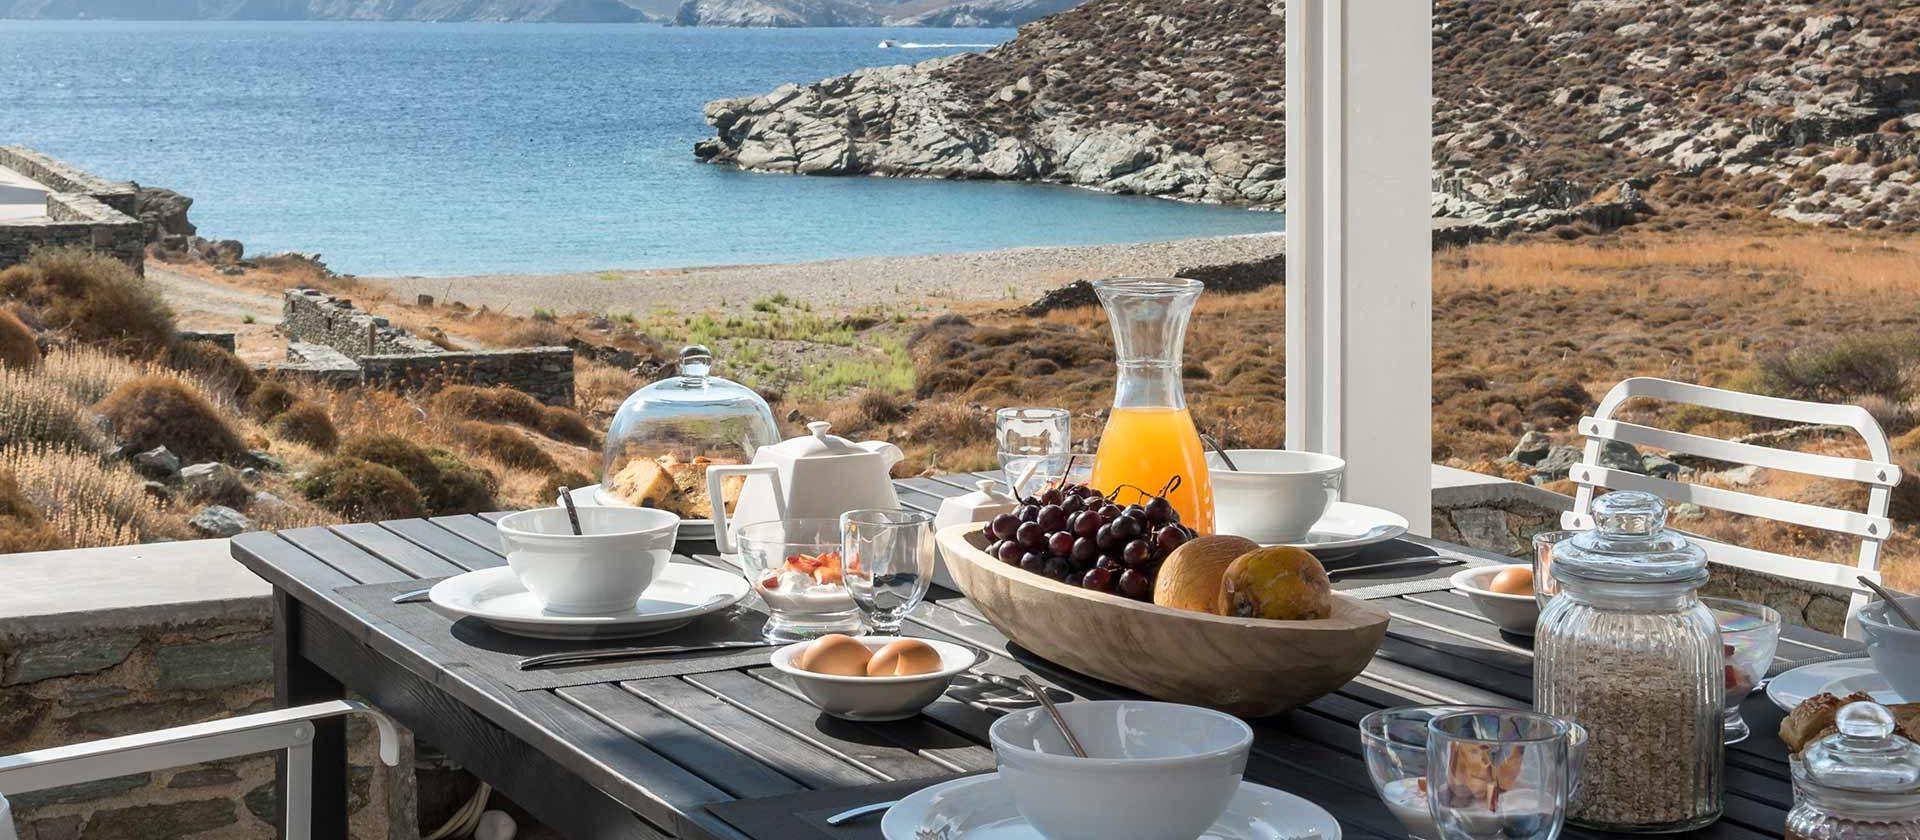 Eneos Beachvillas Comfort Villa